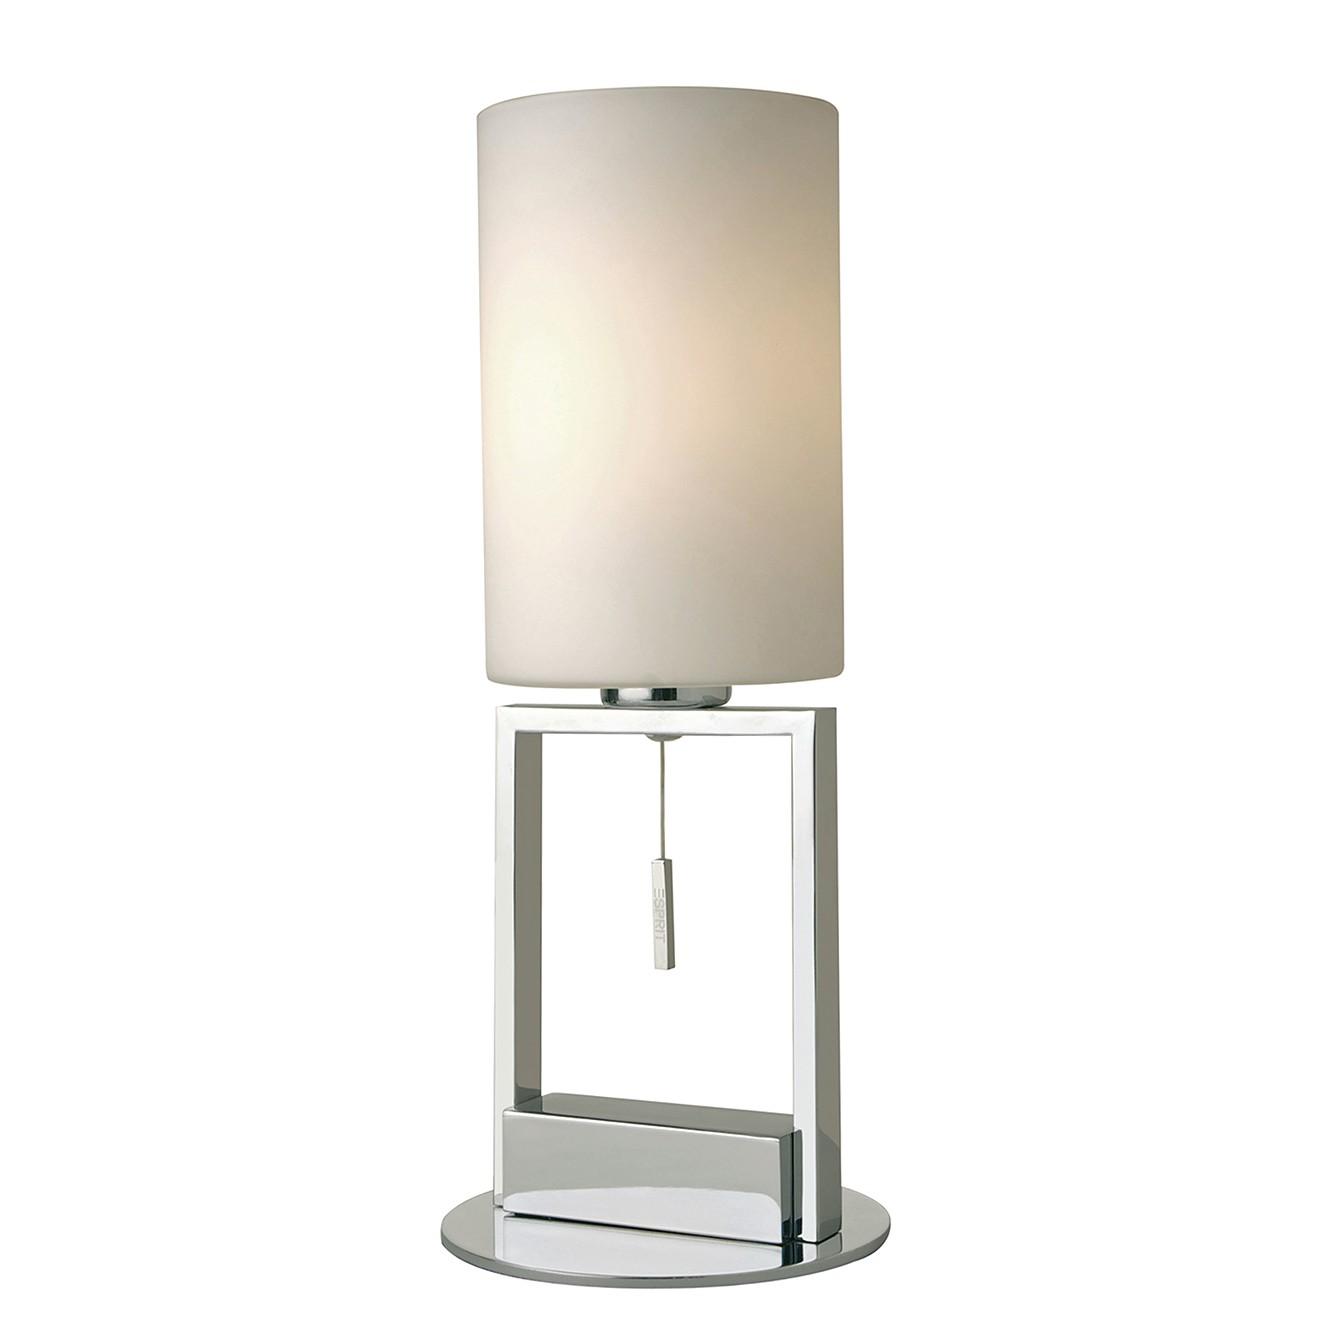 Tischleuchte Fine ● Opalglas ● Weiß- Sompex